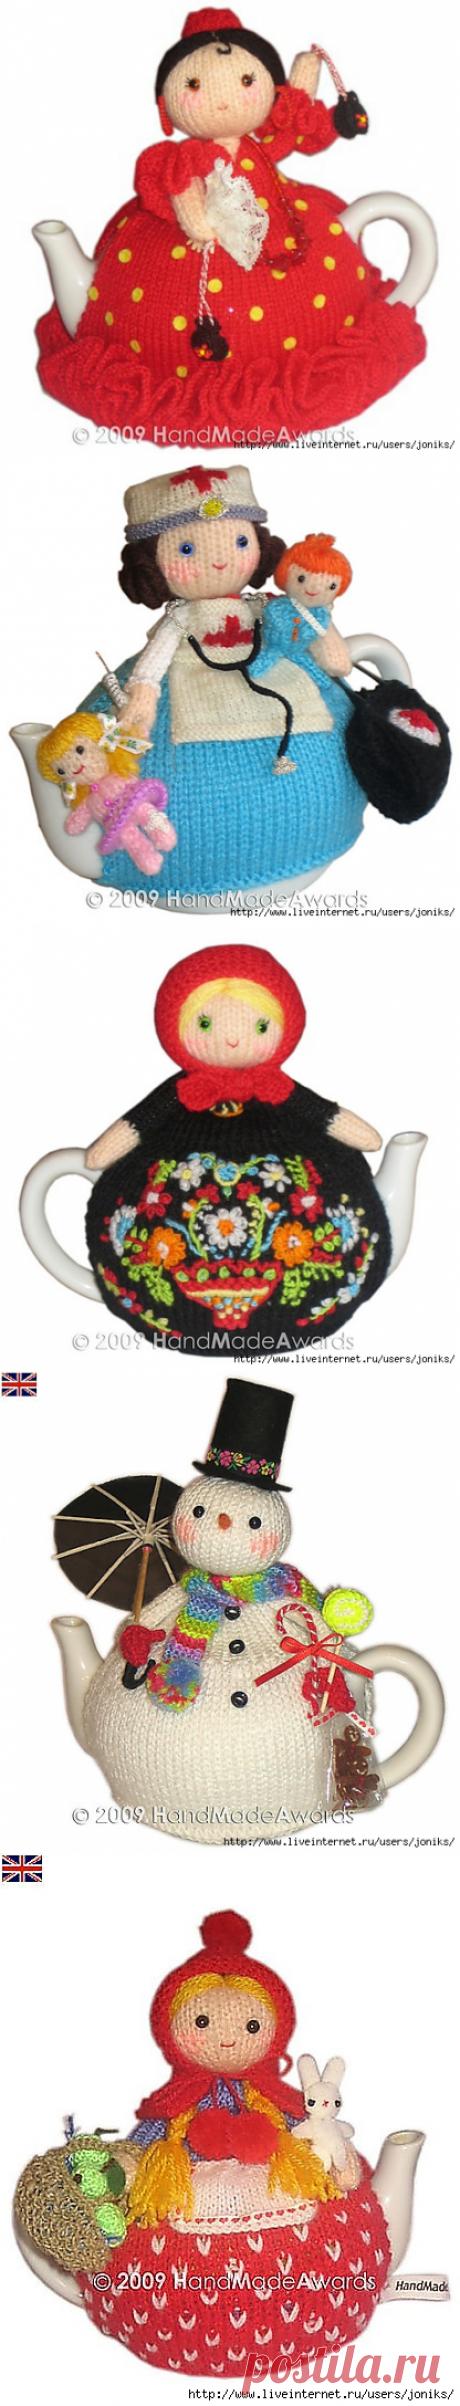 Knitted dolls-amigurumi on teapots...